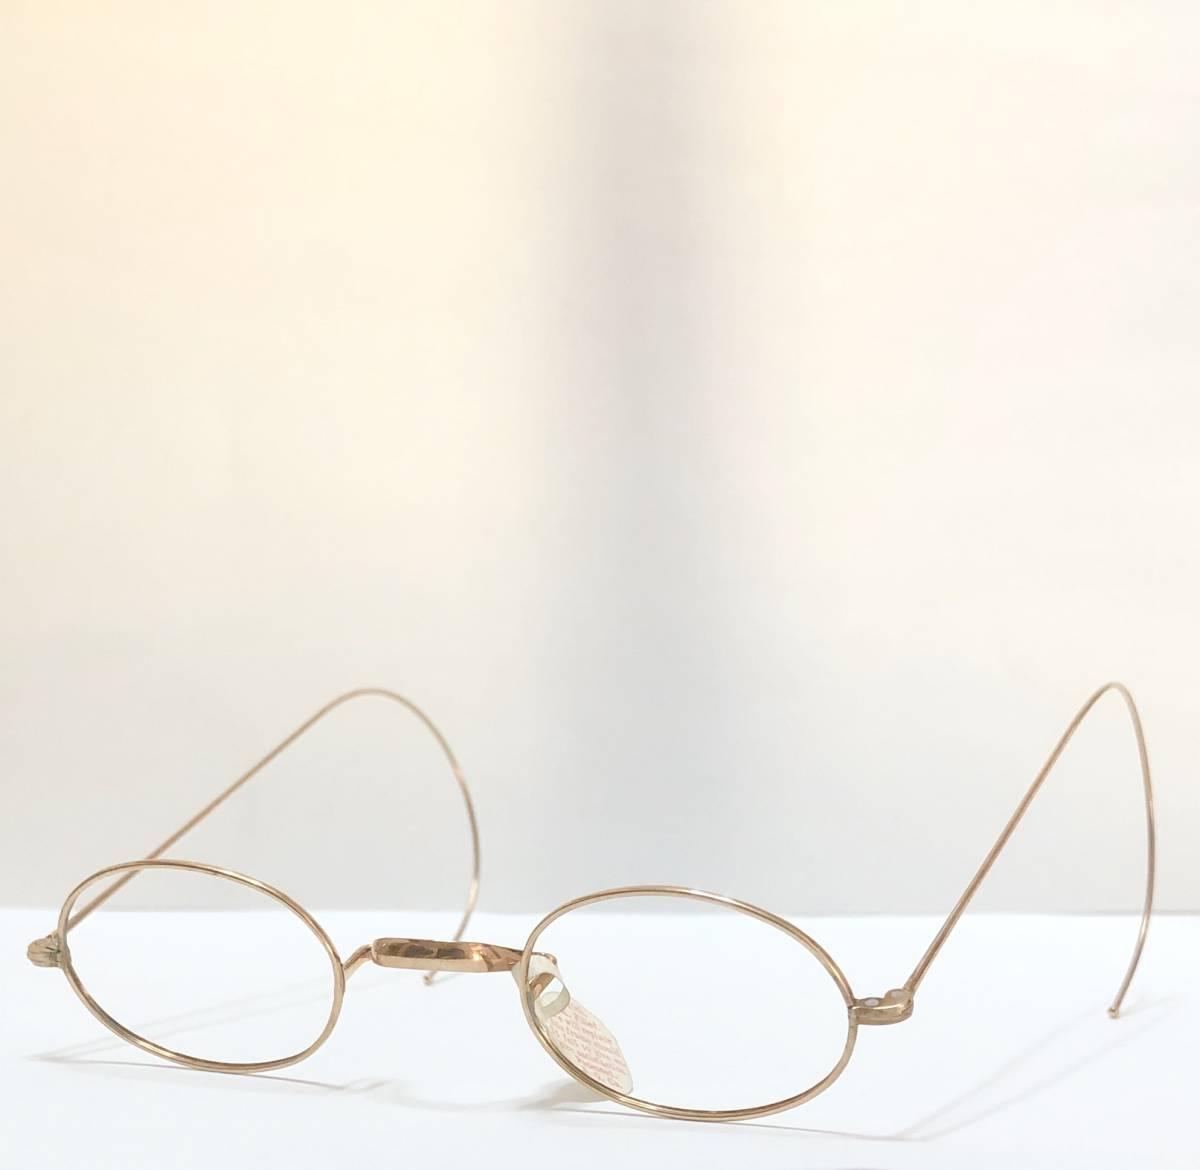 新品・AO10K金張 純正メガネ 1870~1910年代頃 American Optical アメリカンオプティカル 米国ブランド ビンテージ / ヴィンテージ_画像2